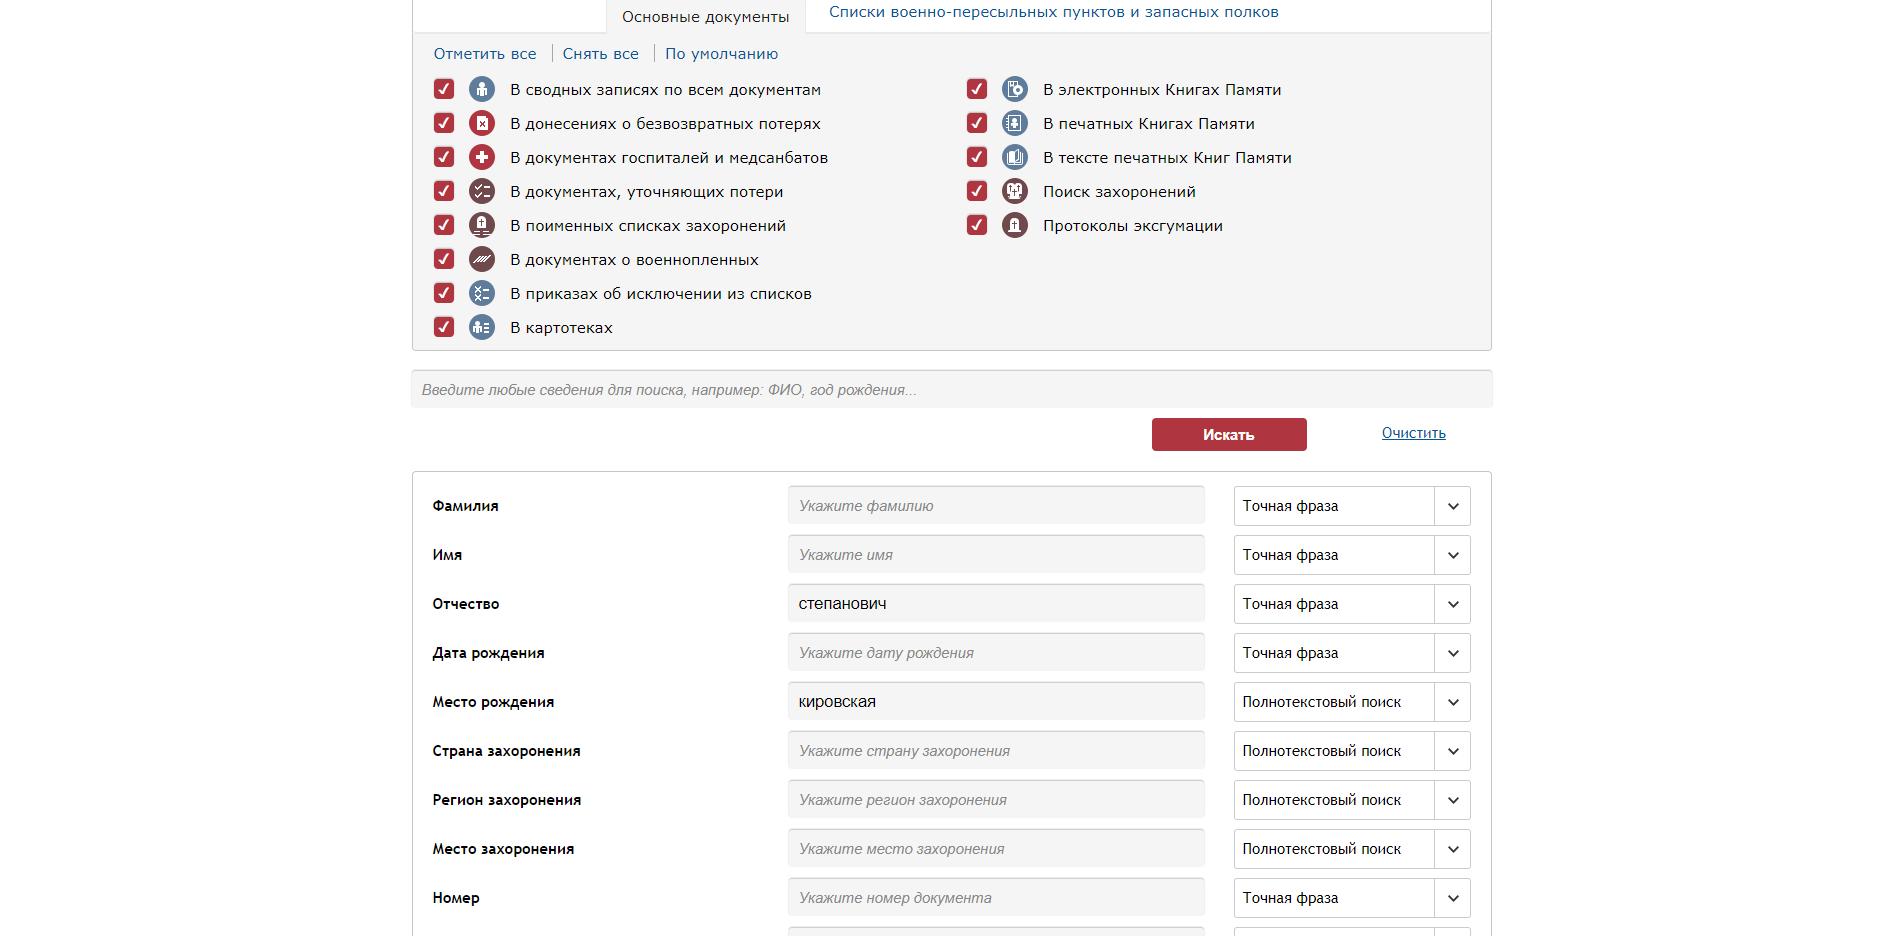 Сайт obd-memorial.ru  Погибшие и пропавшие без вести Вов